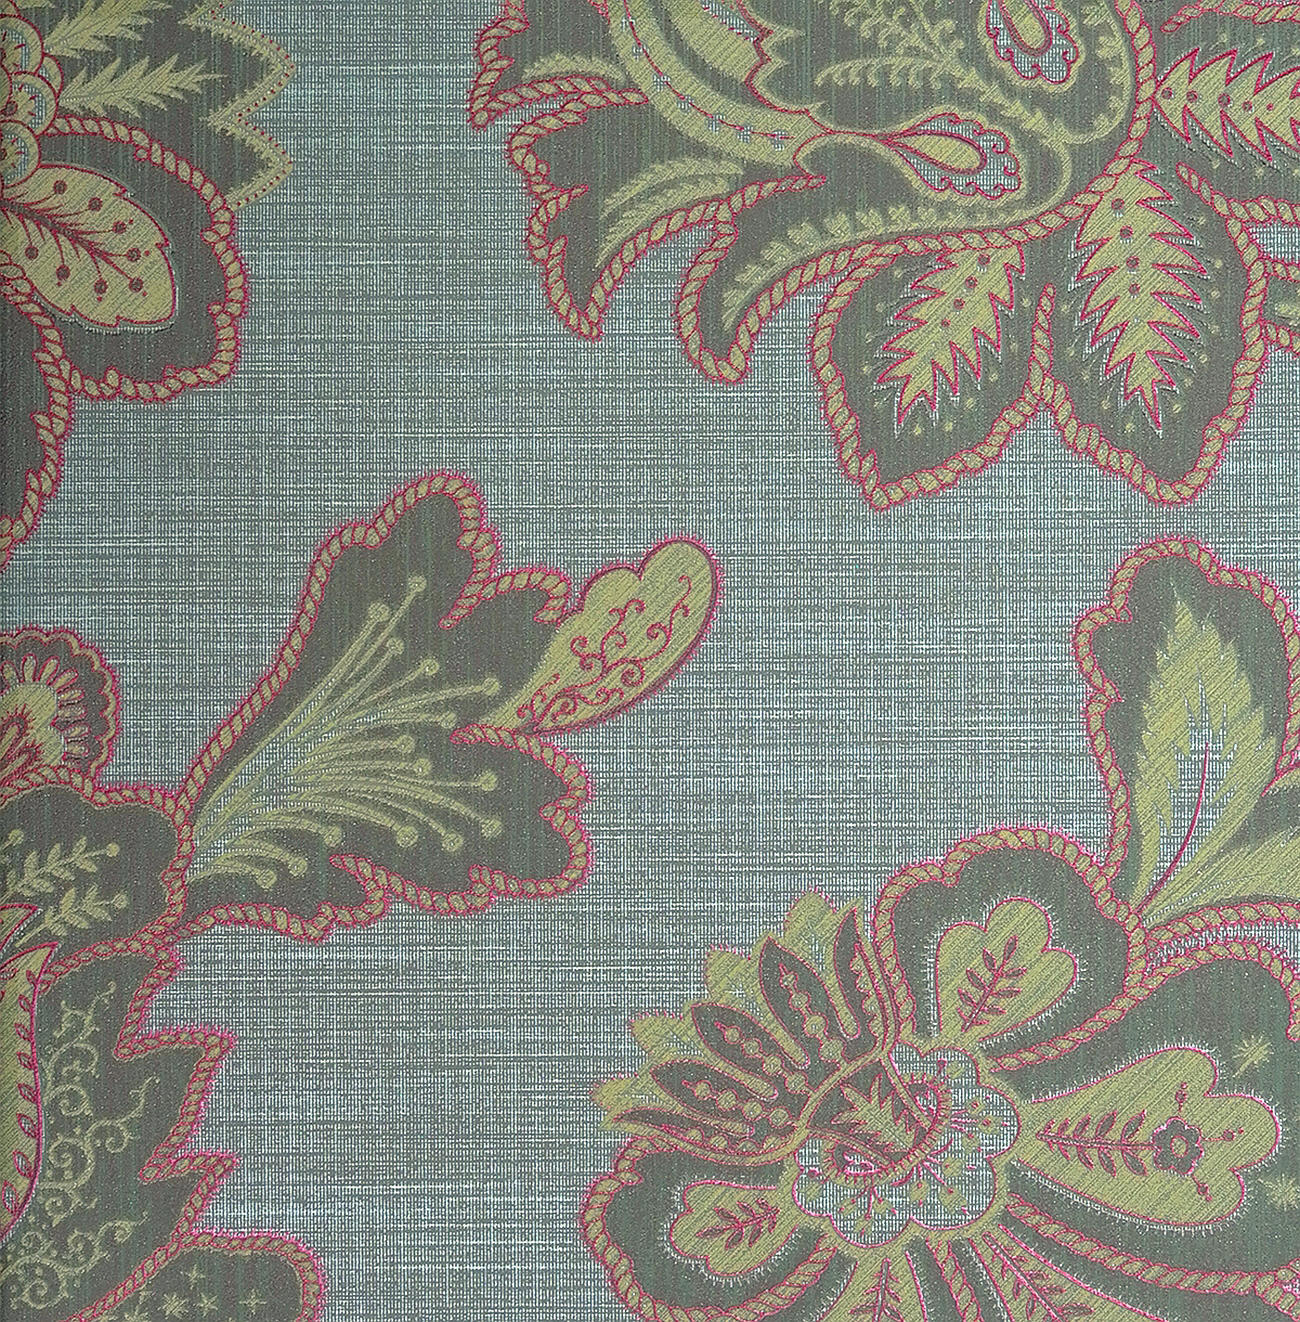 Blumen tapete tapeten mit blumen wohnkultur vliestapete for Graue tapete mit muster